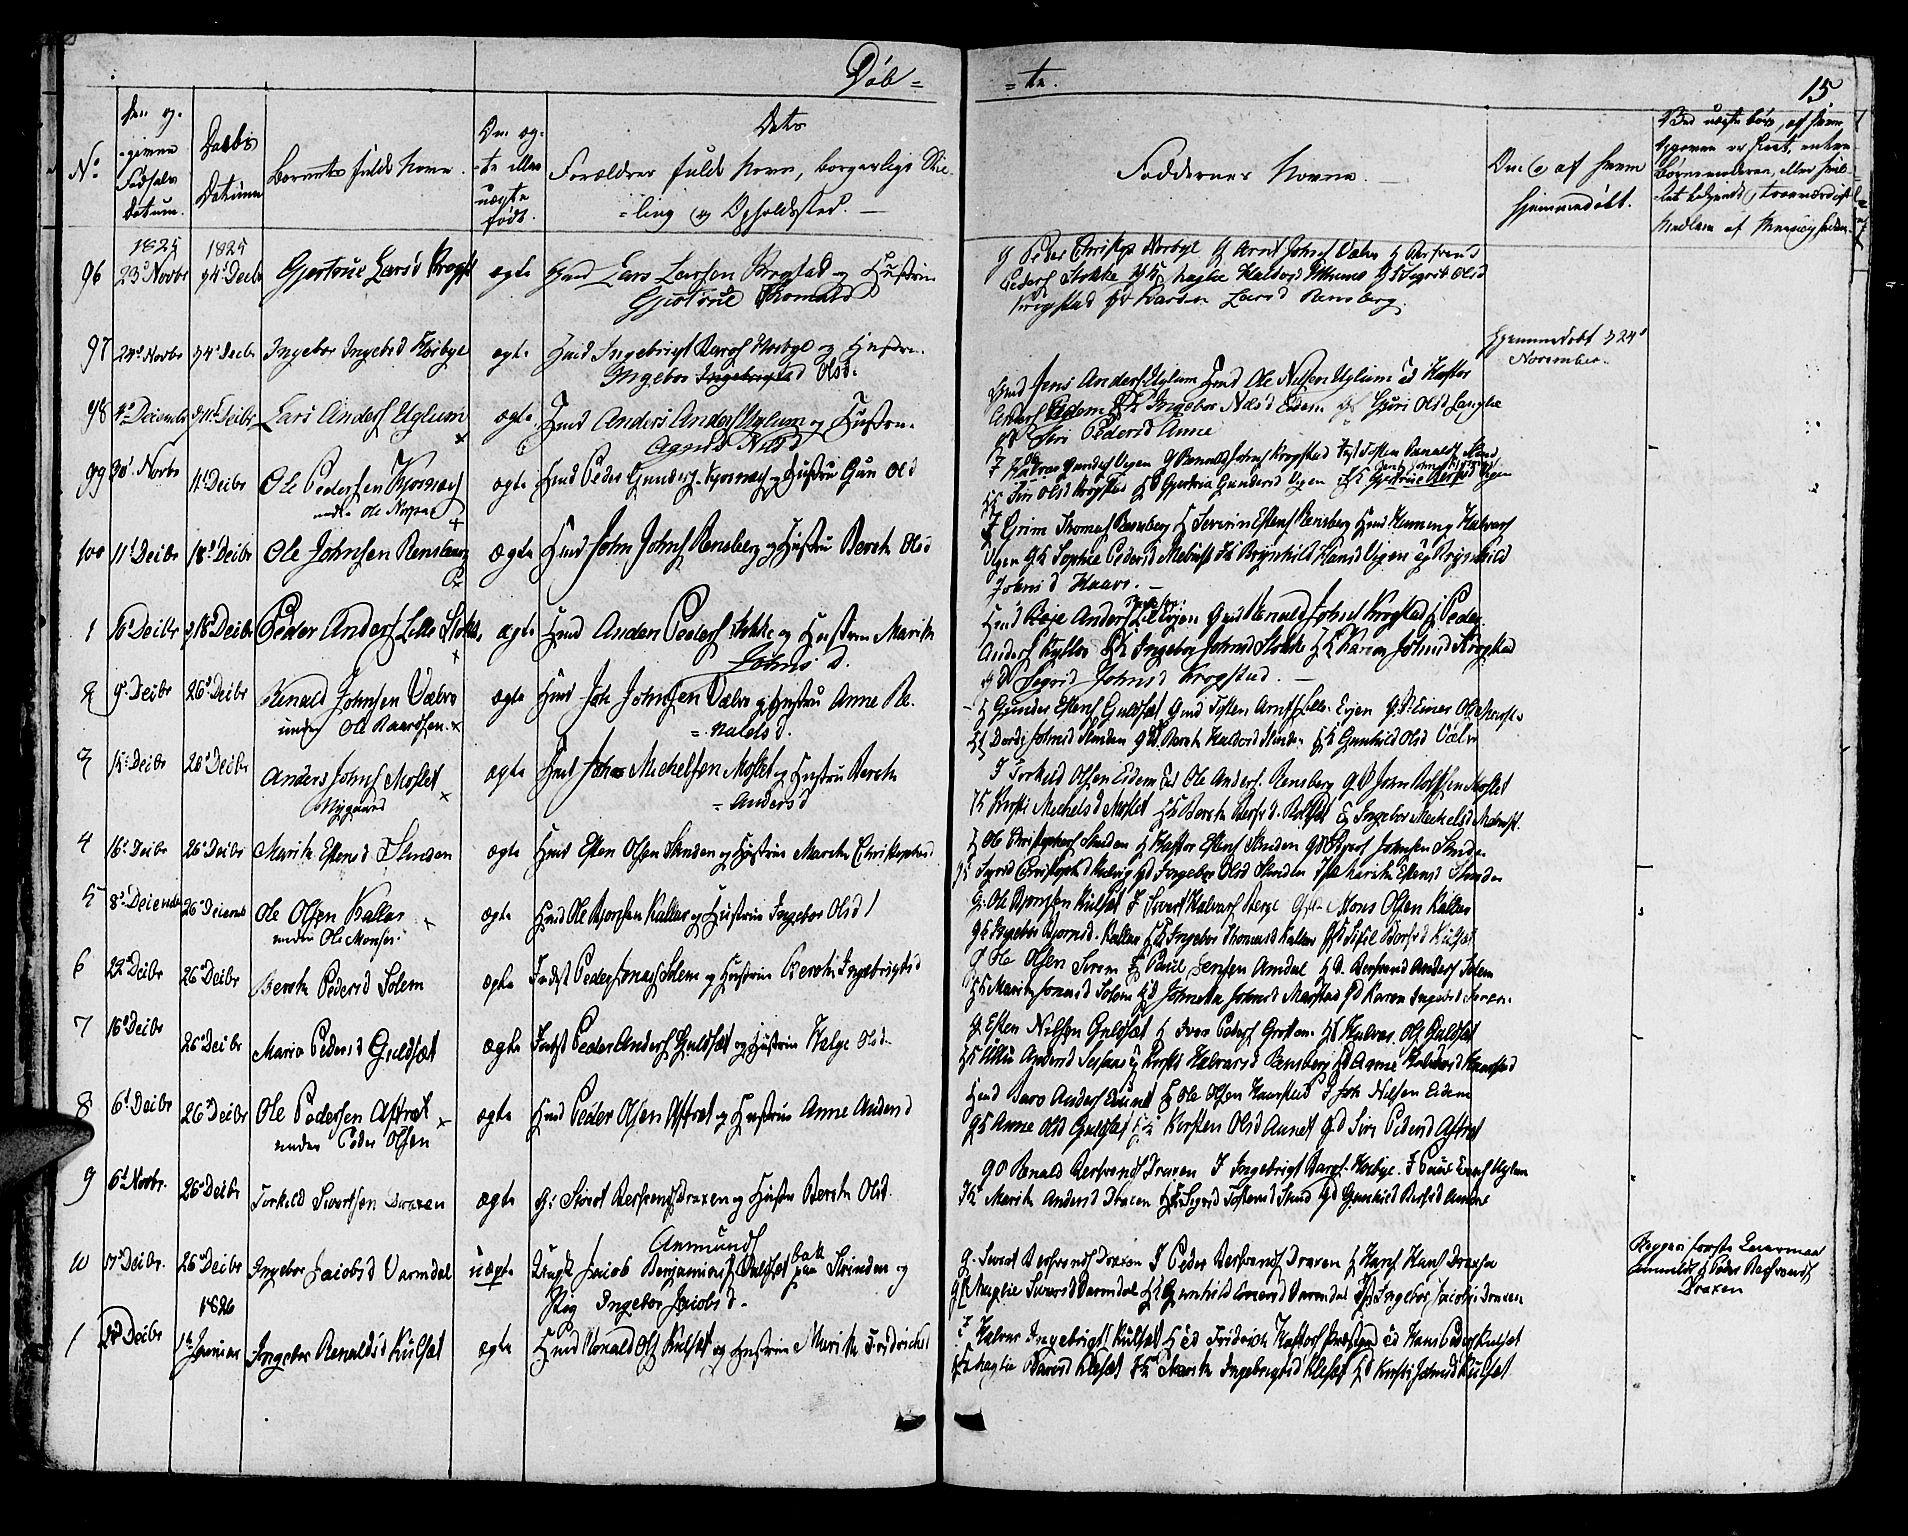 SAT, Ministerialprotokoller, klokkerbøker og fødselsregistre - Sør-Trøndelag, 695/L1143: Ministerialbok nr. 695A05 /1, 1824-1842, s. 15